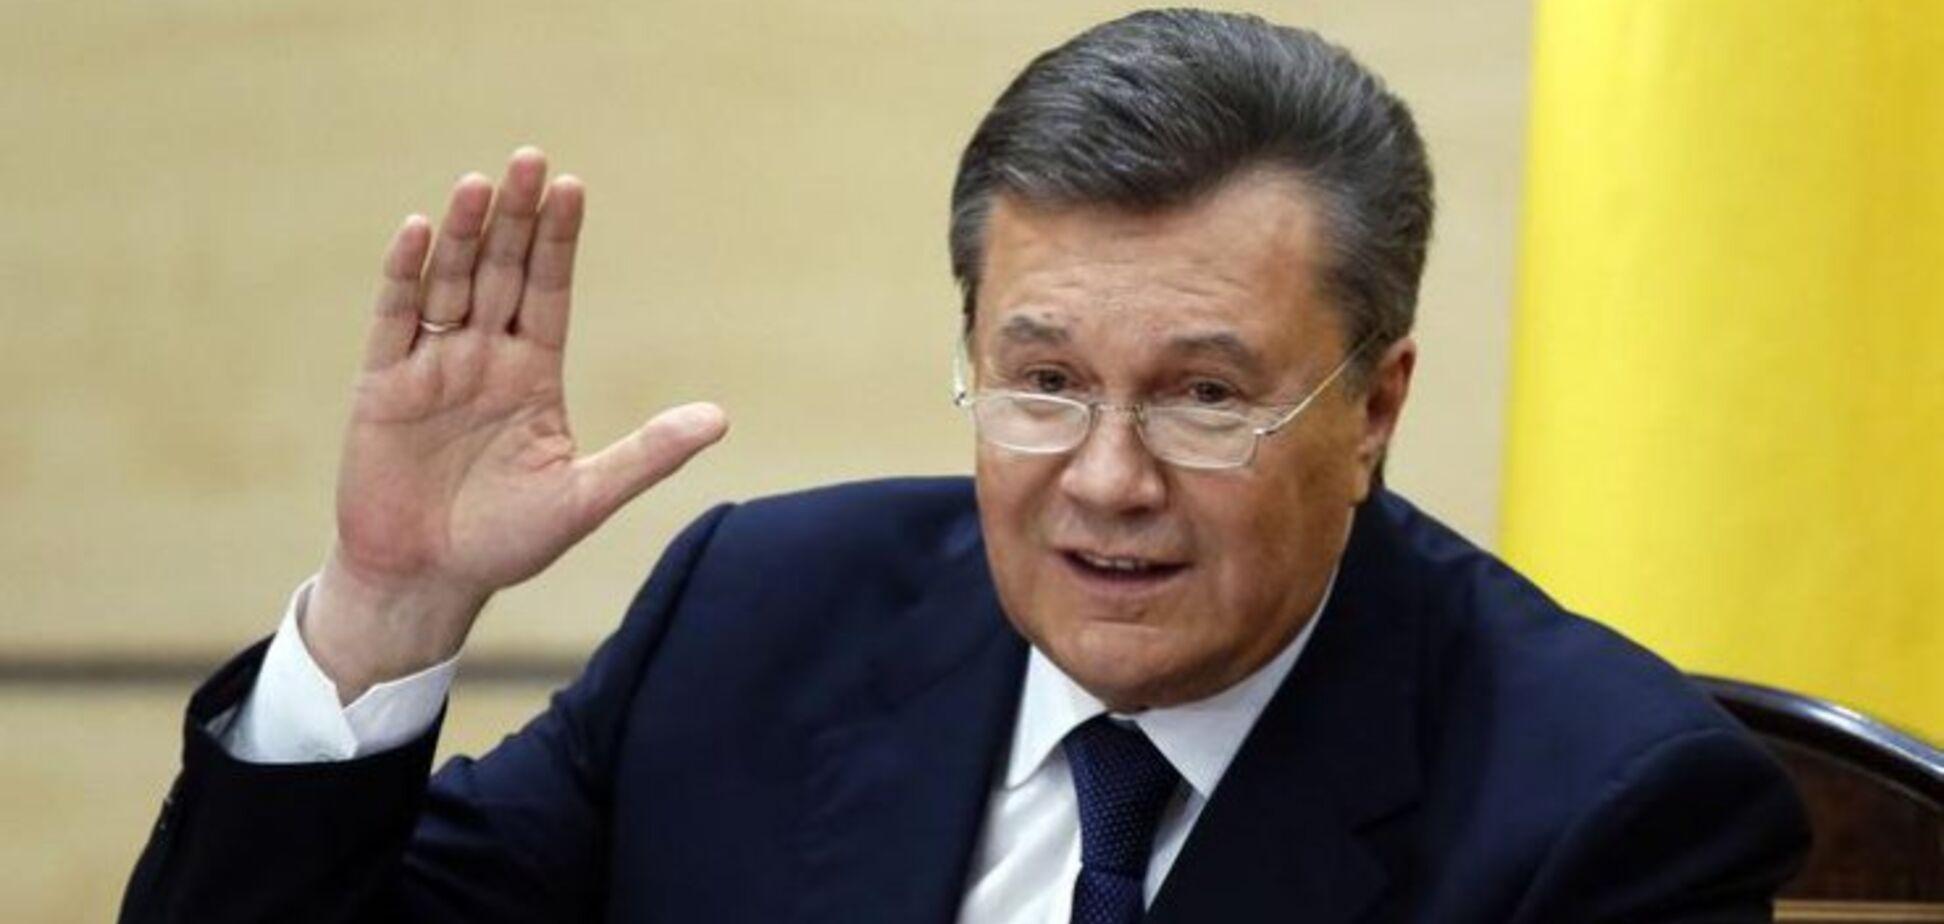 'Я особисто звернуся': Янукович пообіцяв організувати переговори Києва і 'ЛДНР'